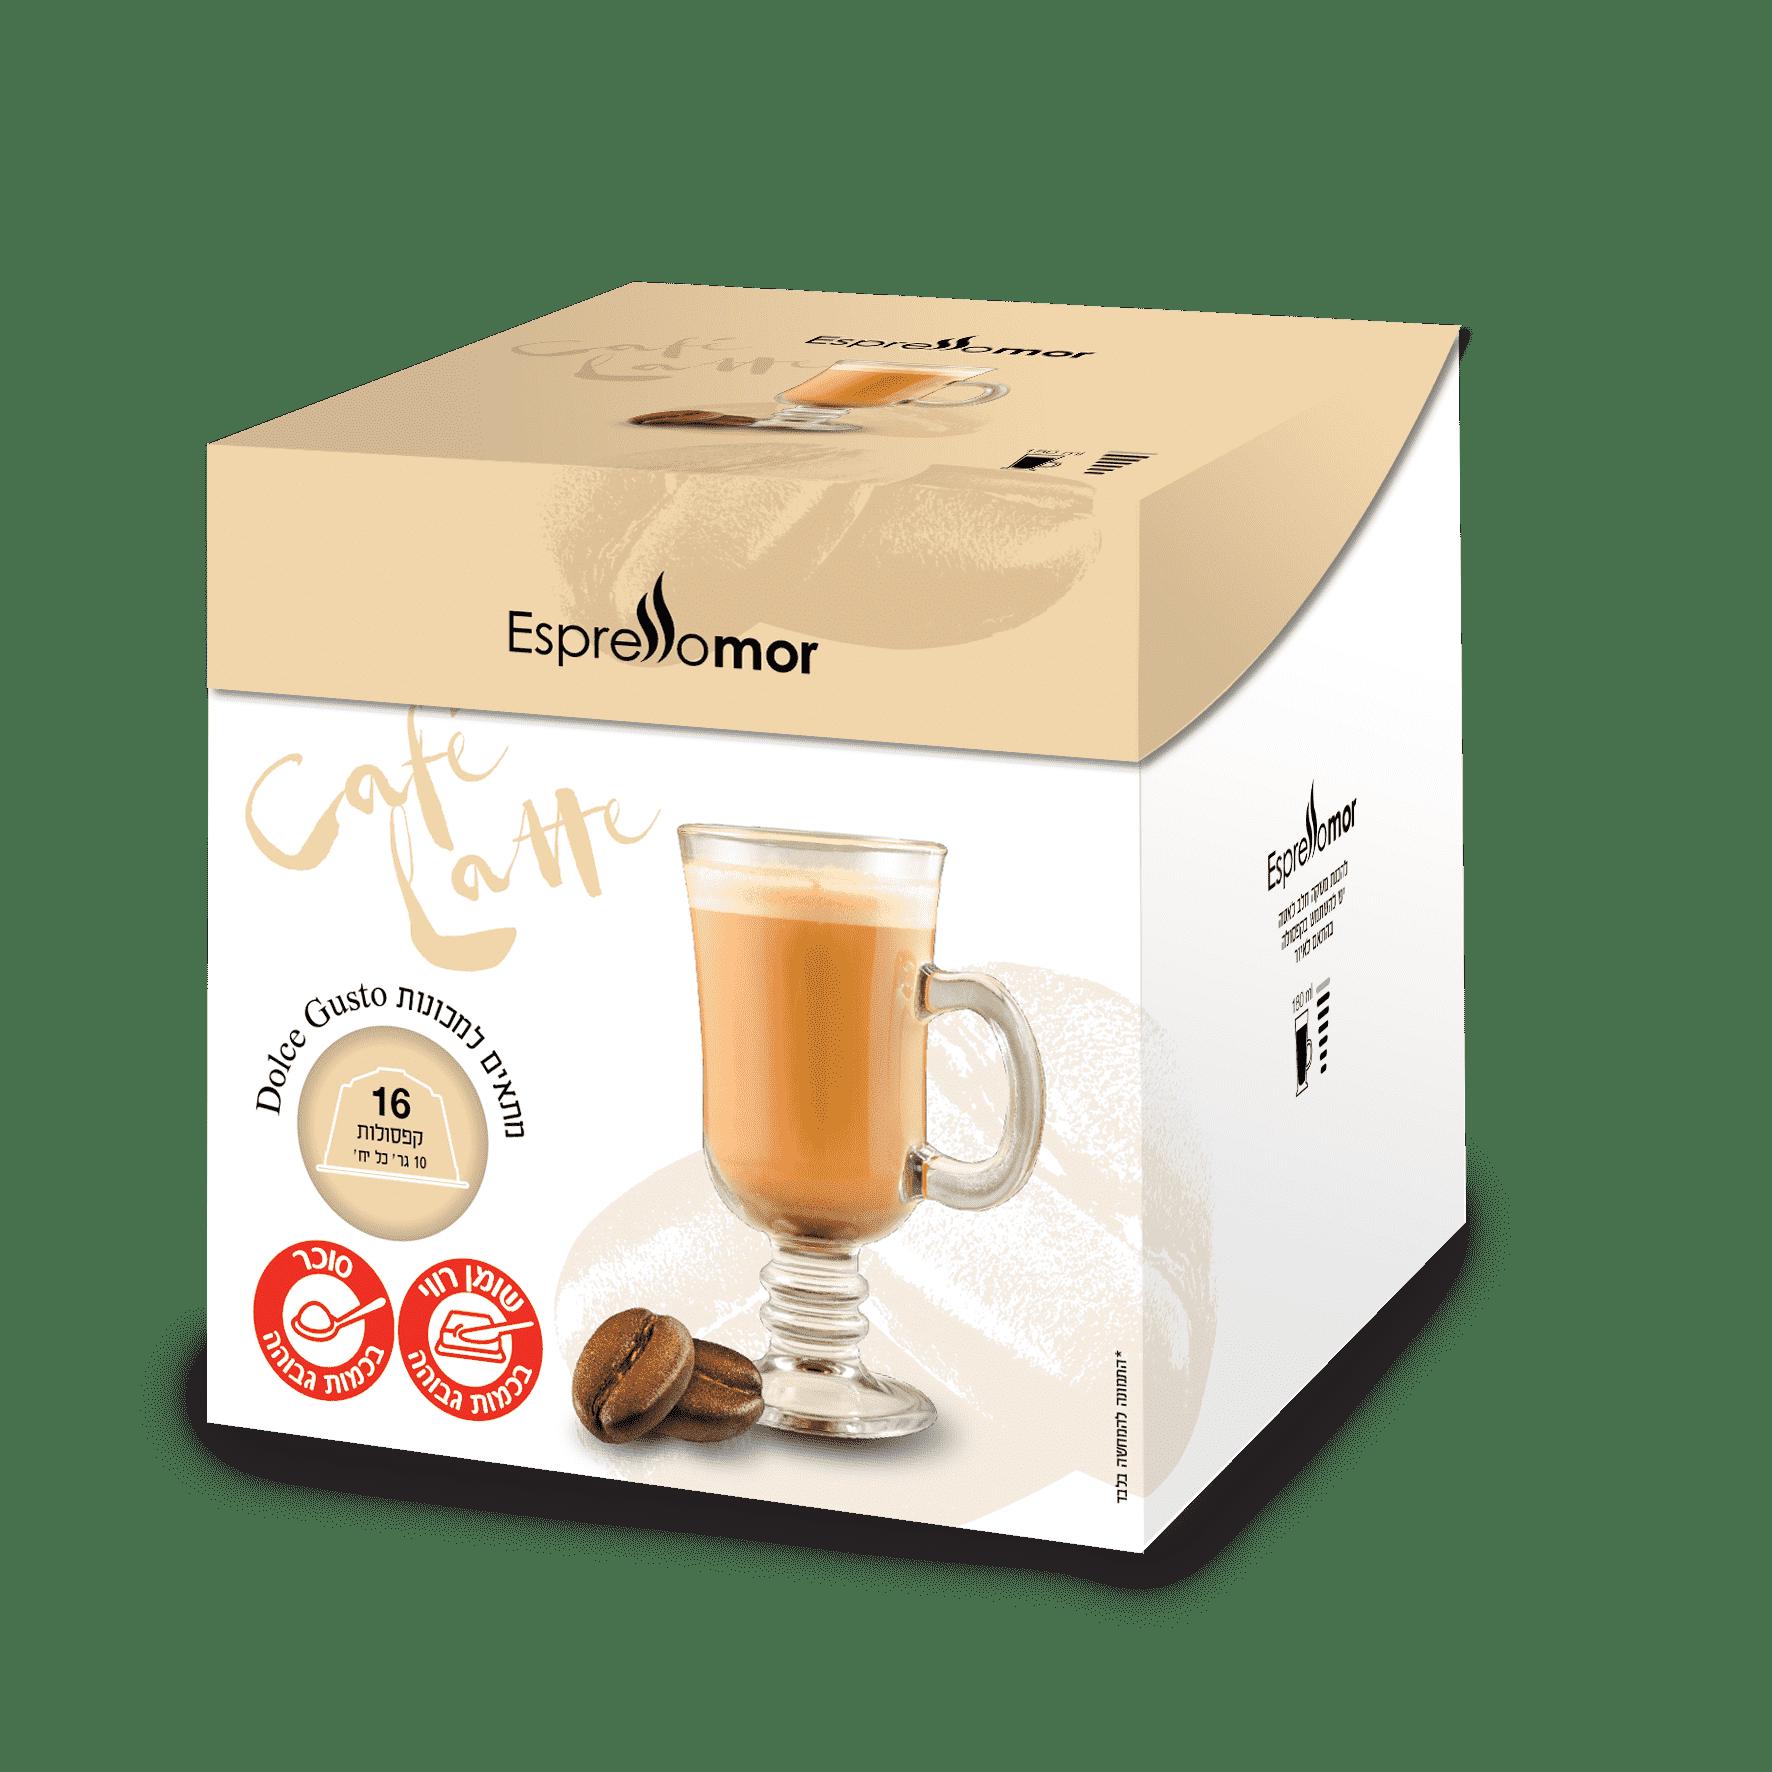 96 קפסולות Caffe Latte -קפה לאטה